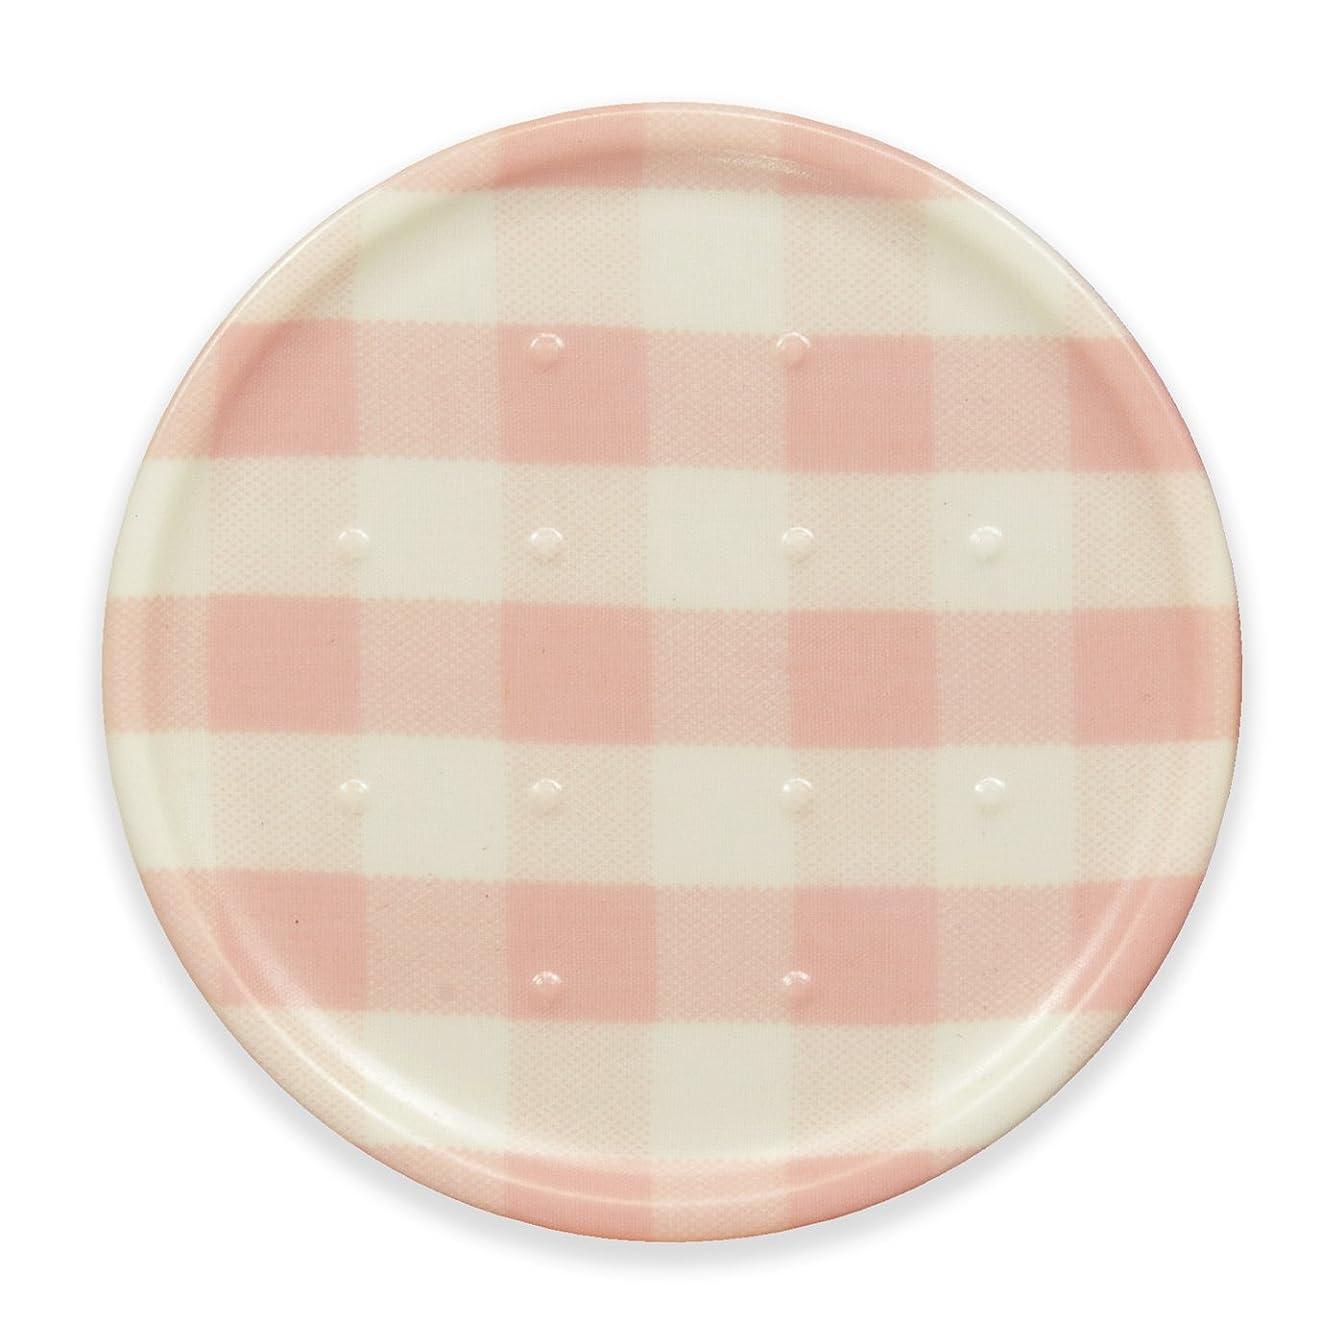 請求可能彼のわがままタツクラフト コースター ミルキー チェック ピンク 食洗機対応 おしゃれ 布 丸 人気 格子 茶托 夏 日本製